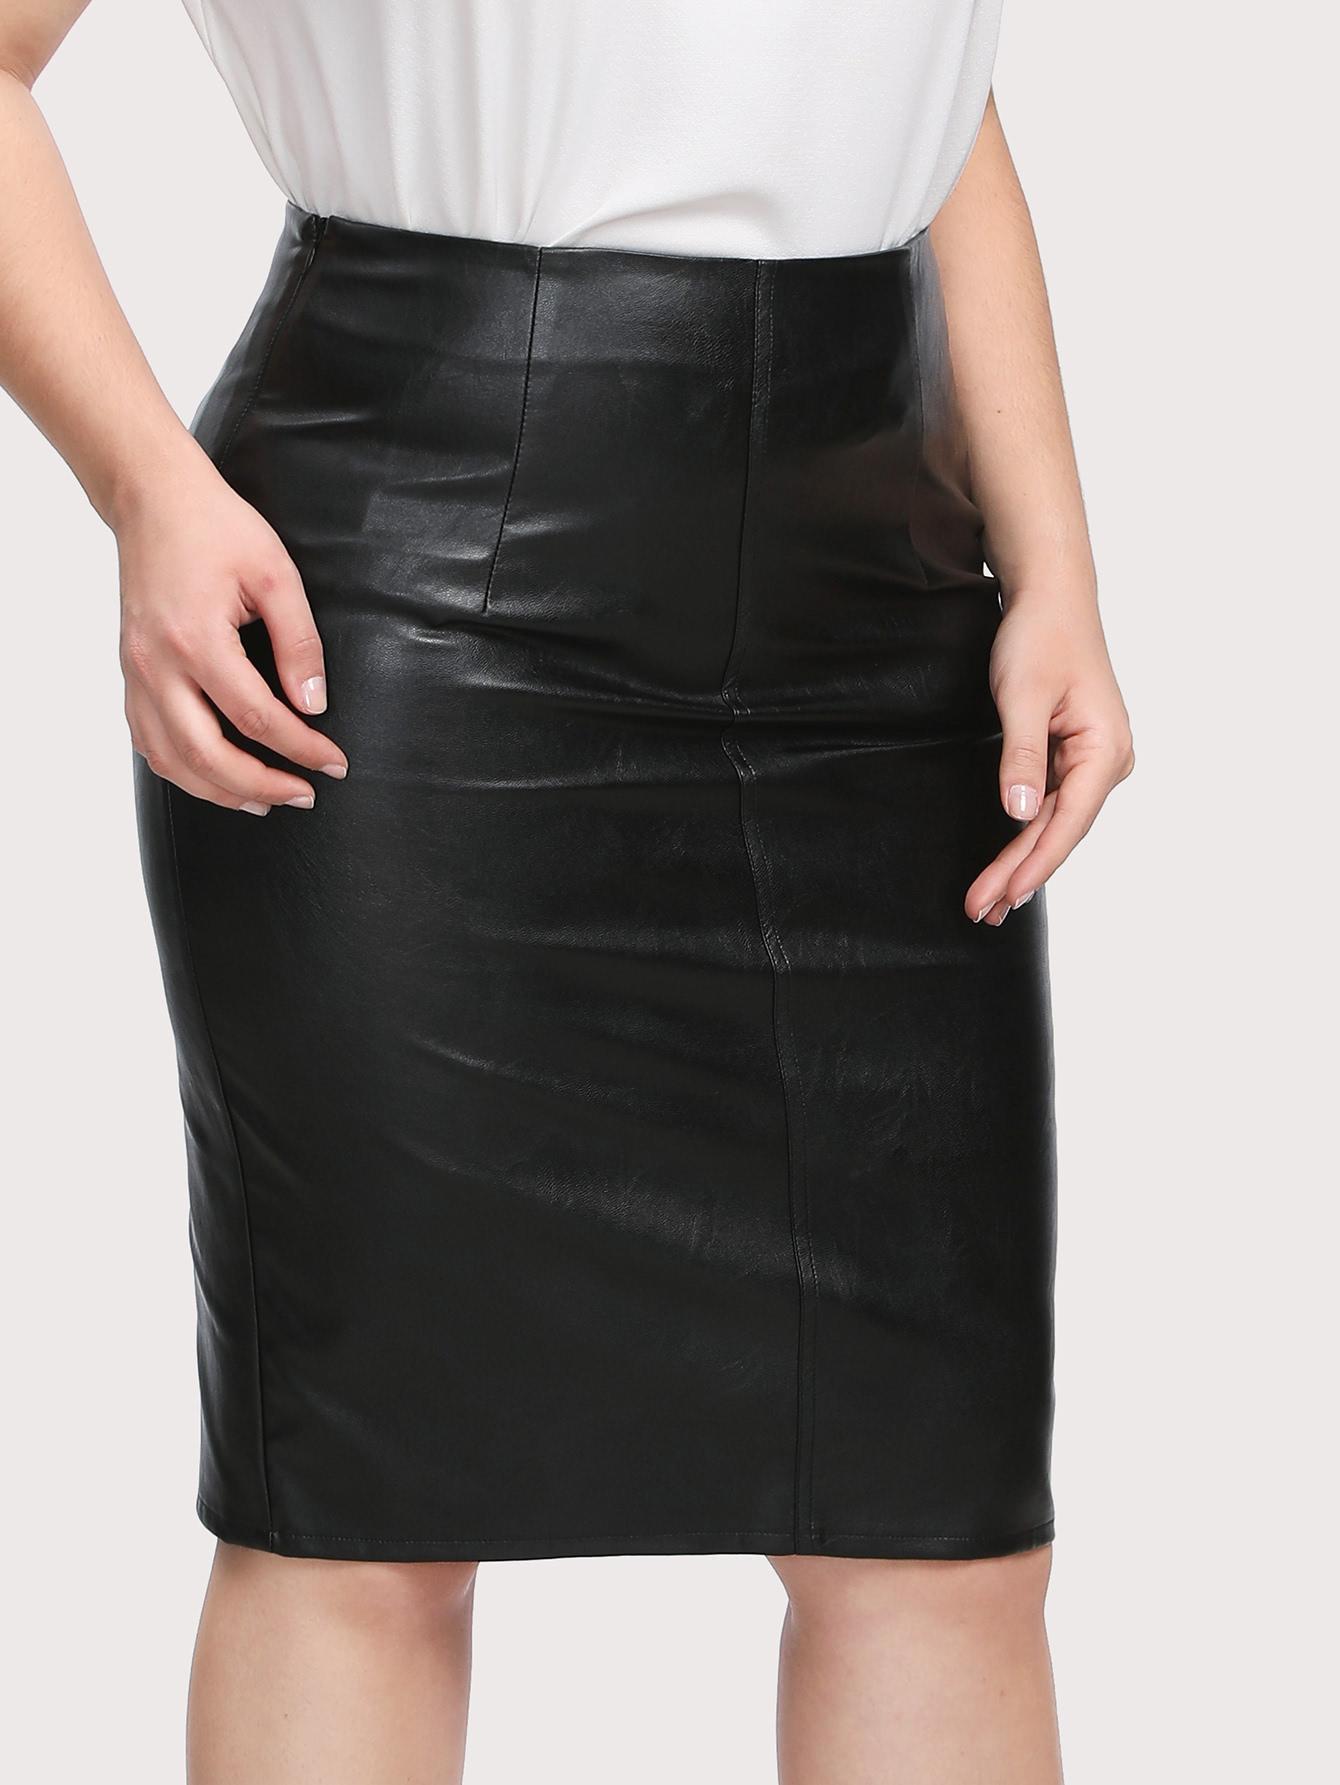 9cece1b4d Cheap Plus Faux Leather Pencil Skirt for sale Australia | SHEIN